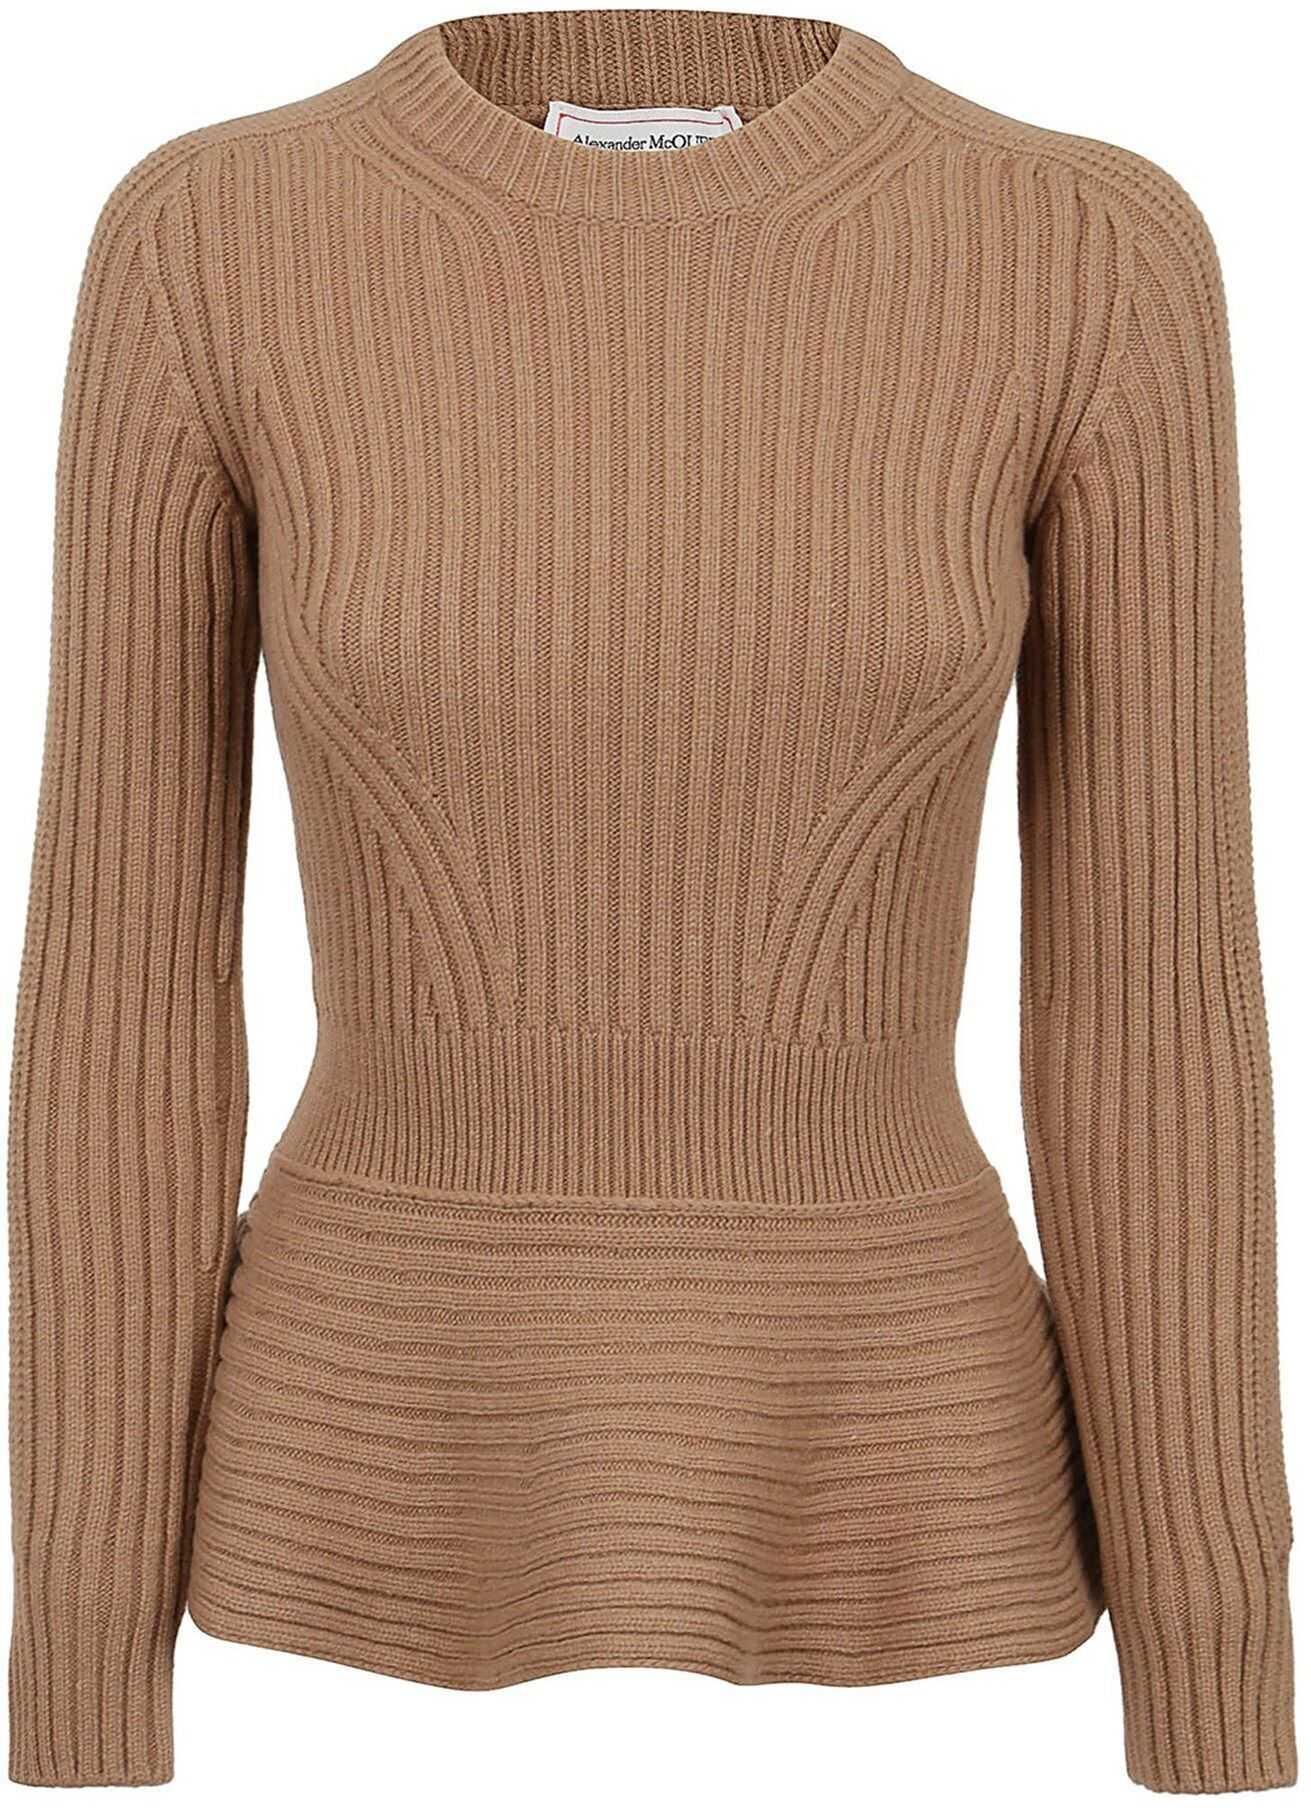 Alexander McQueen Cashmere Wool Blend Crewneck Sweater* Camel